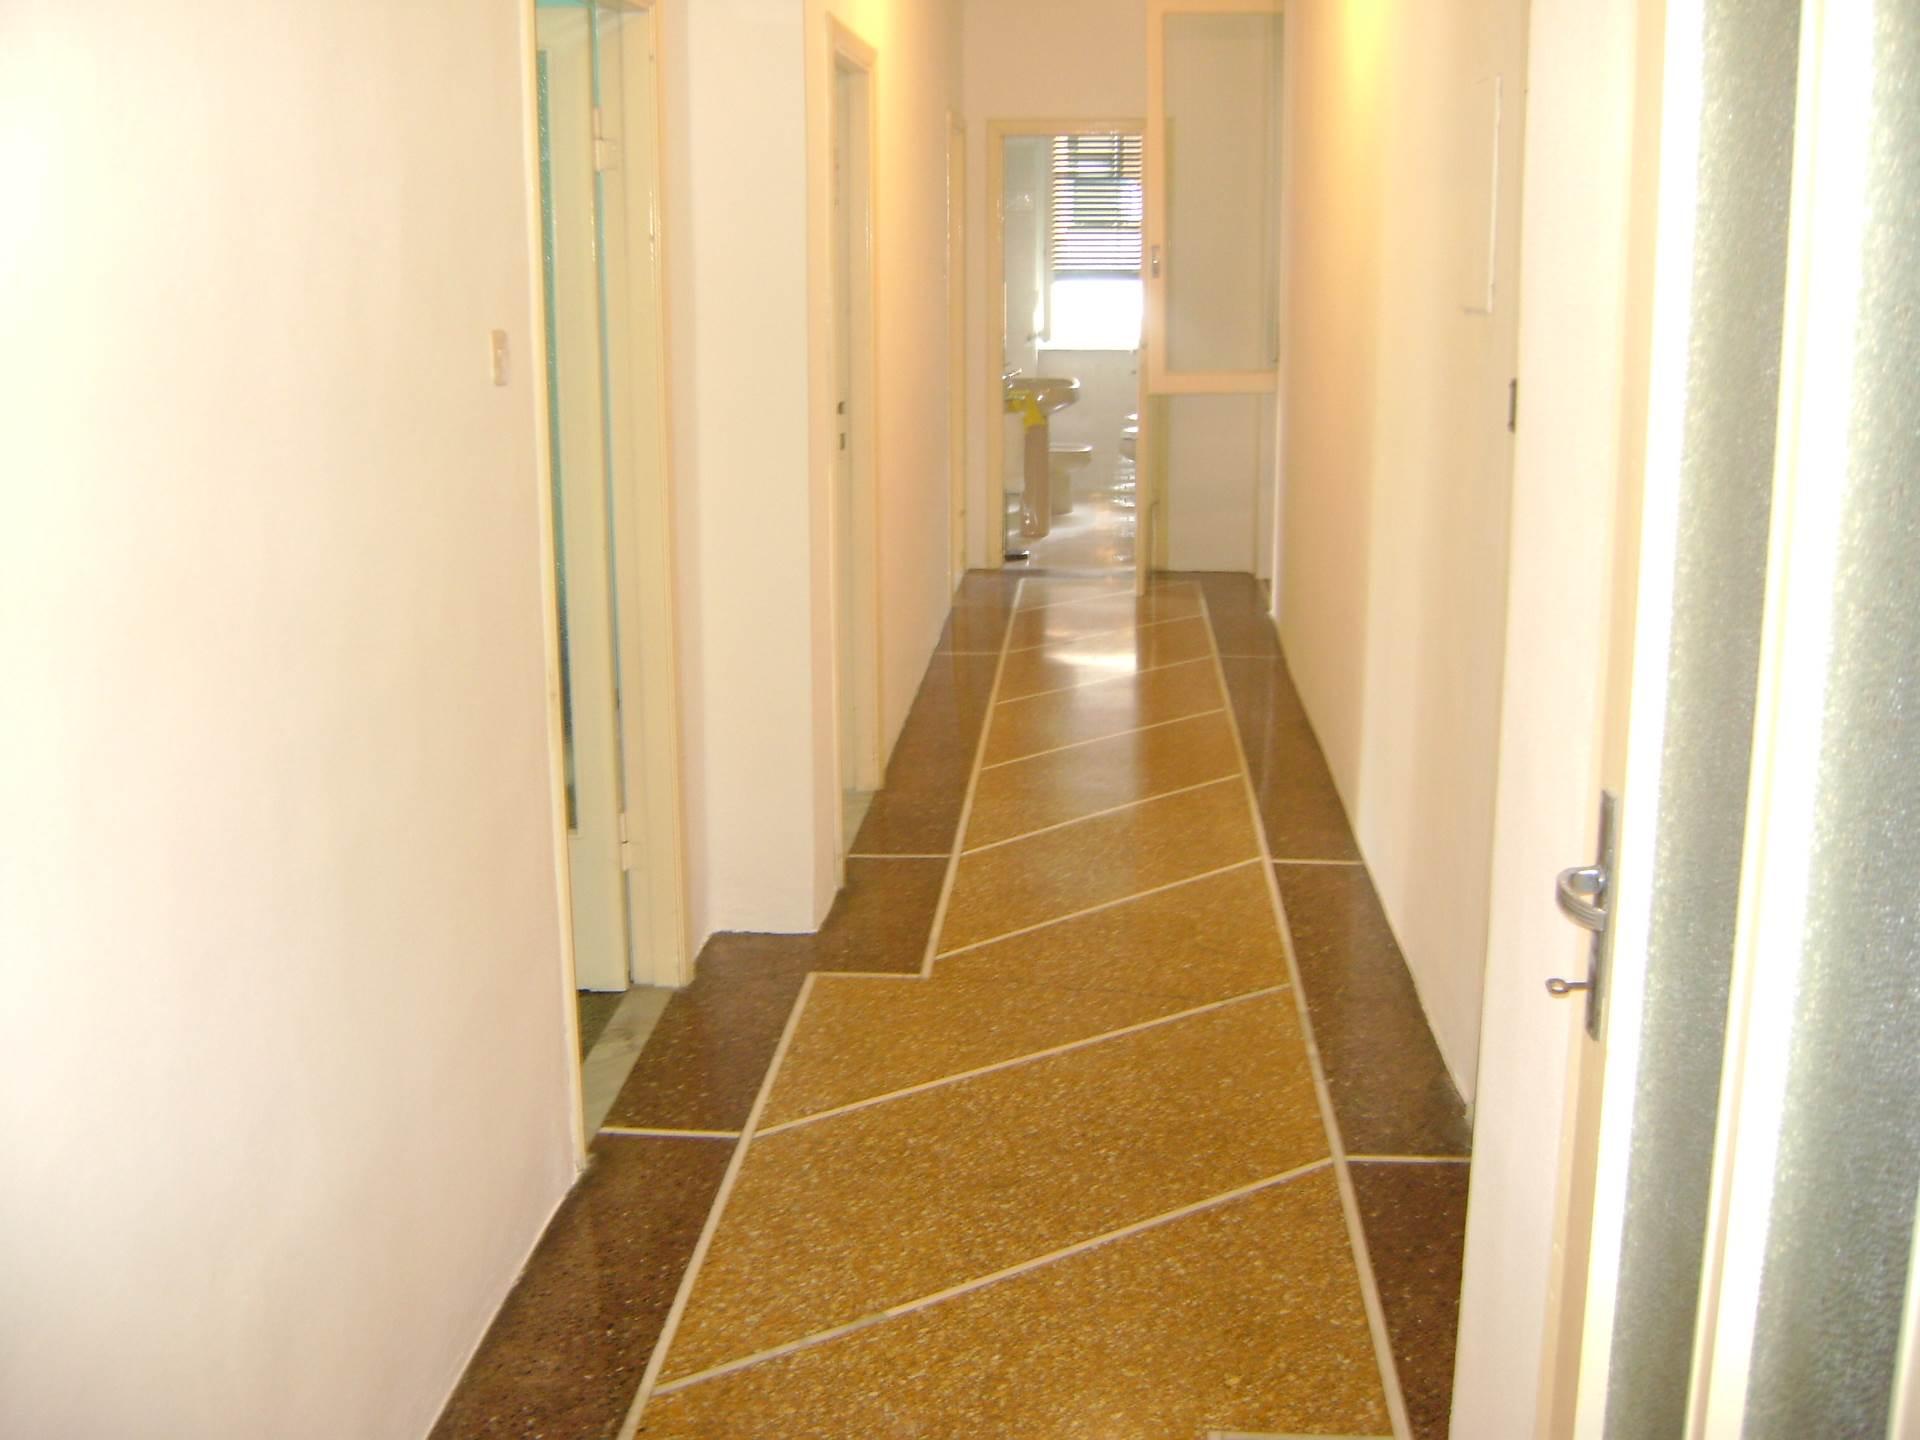 Appartamento in vendita a Livorno, 4 locali, zona Località: Centroresidenziale, prezzo € 210.000 | CambioCasa.it